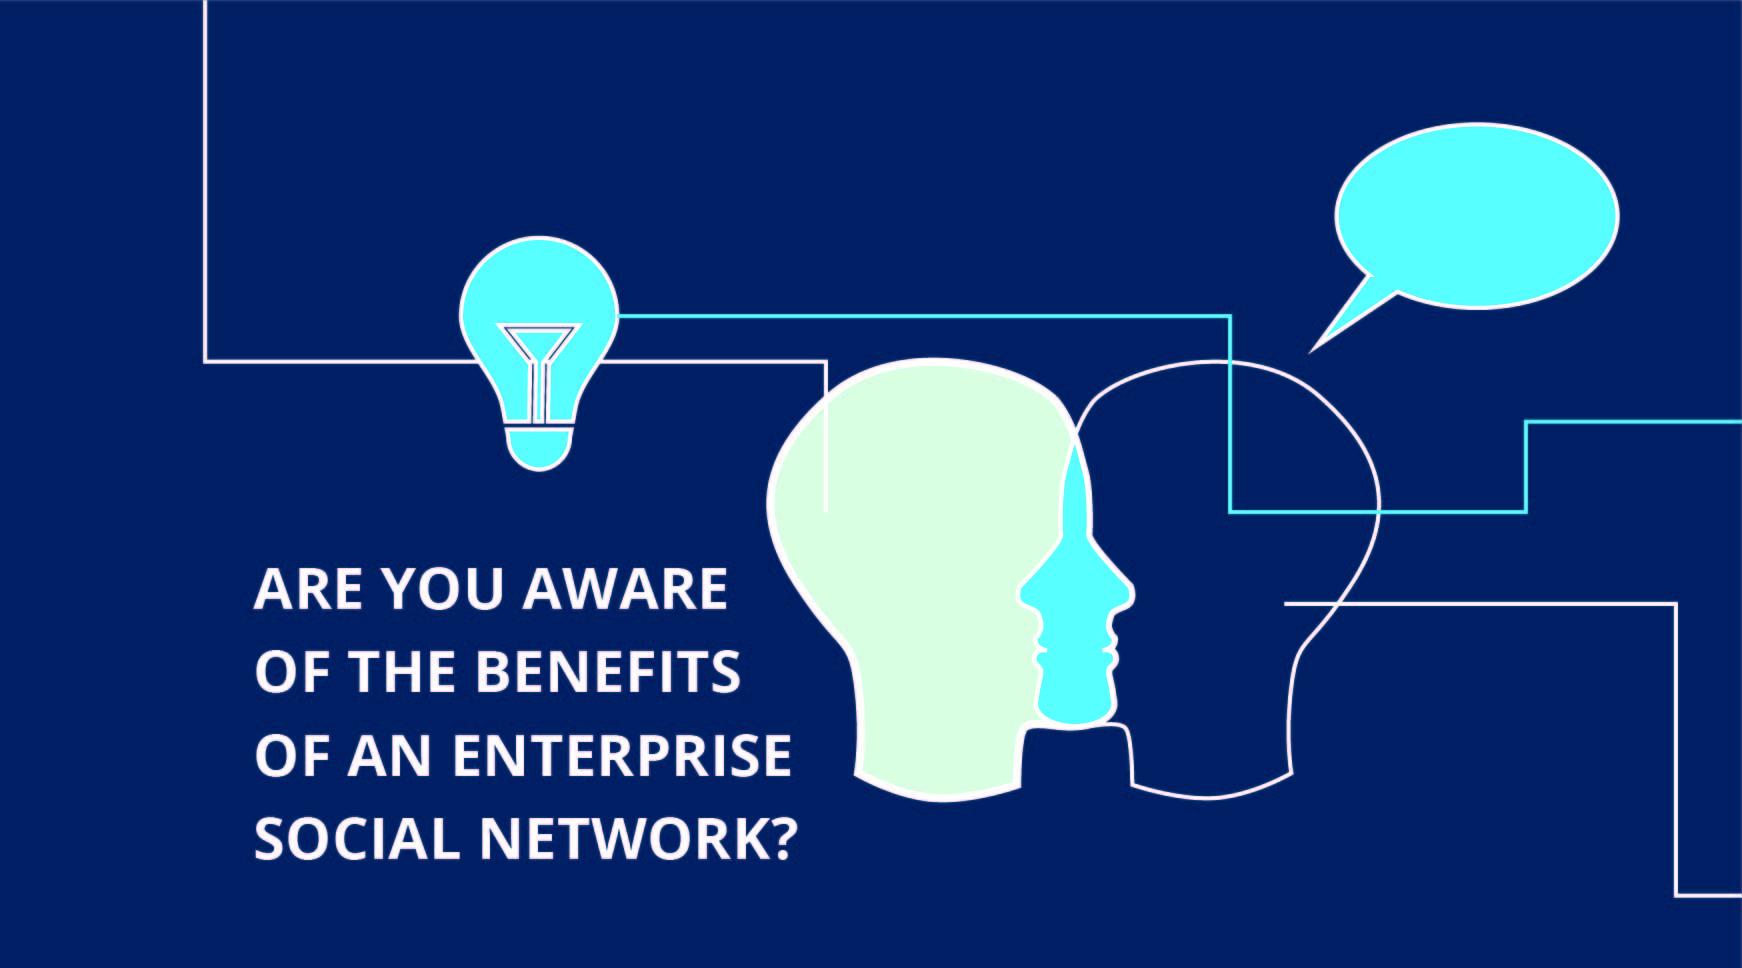 AXXCON Enterprise Social Network